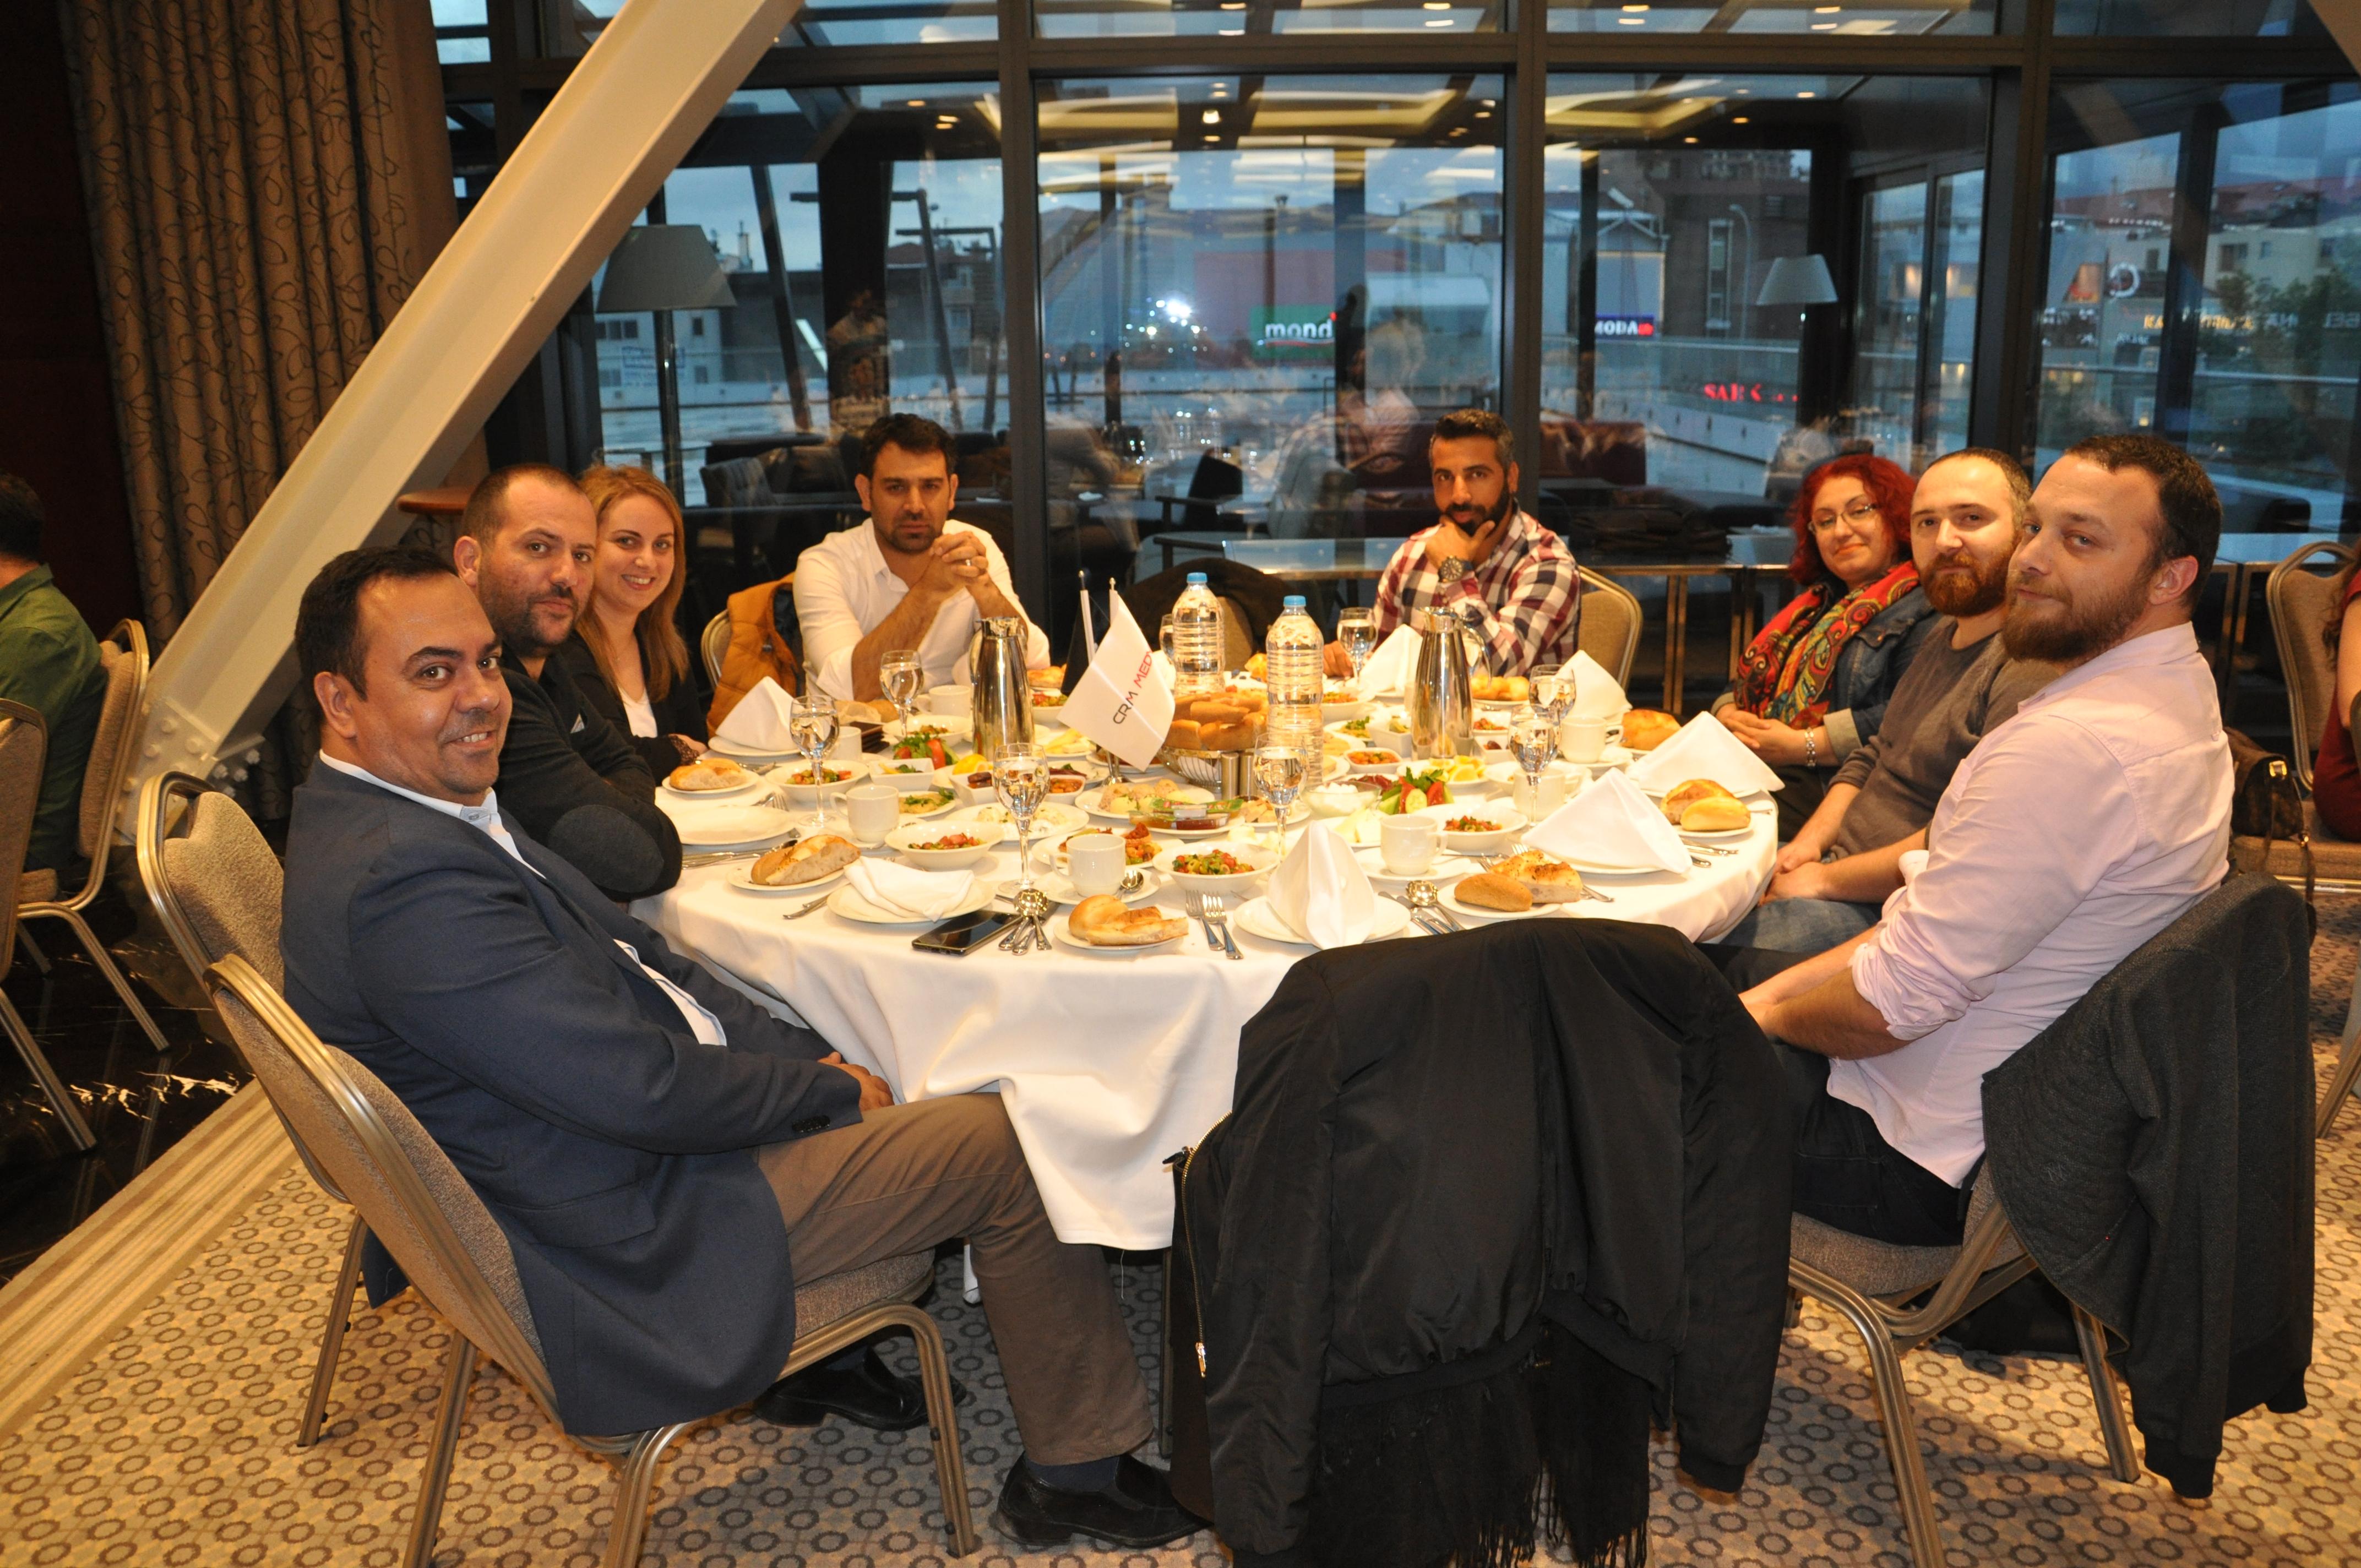 crm medya çalışanları iftar yemeğinde (4)